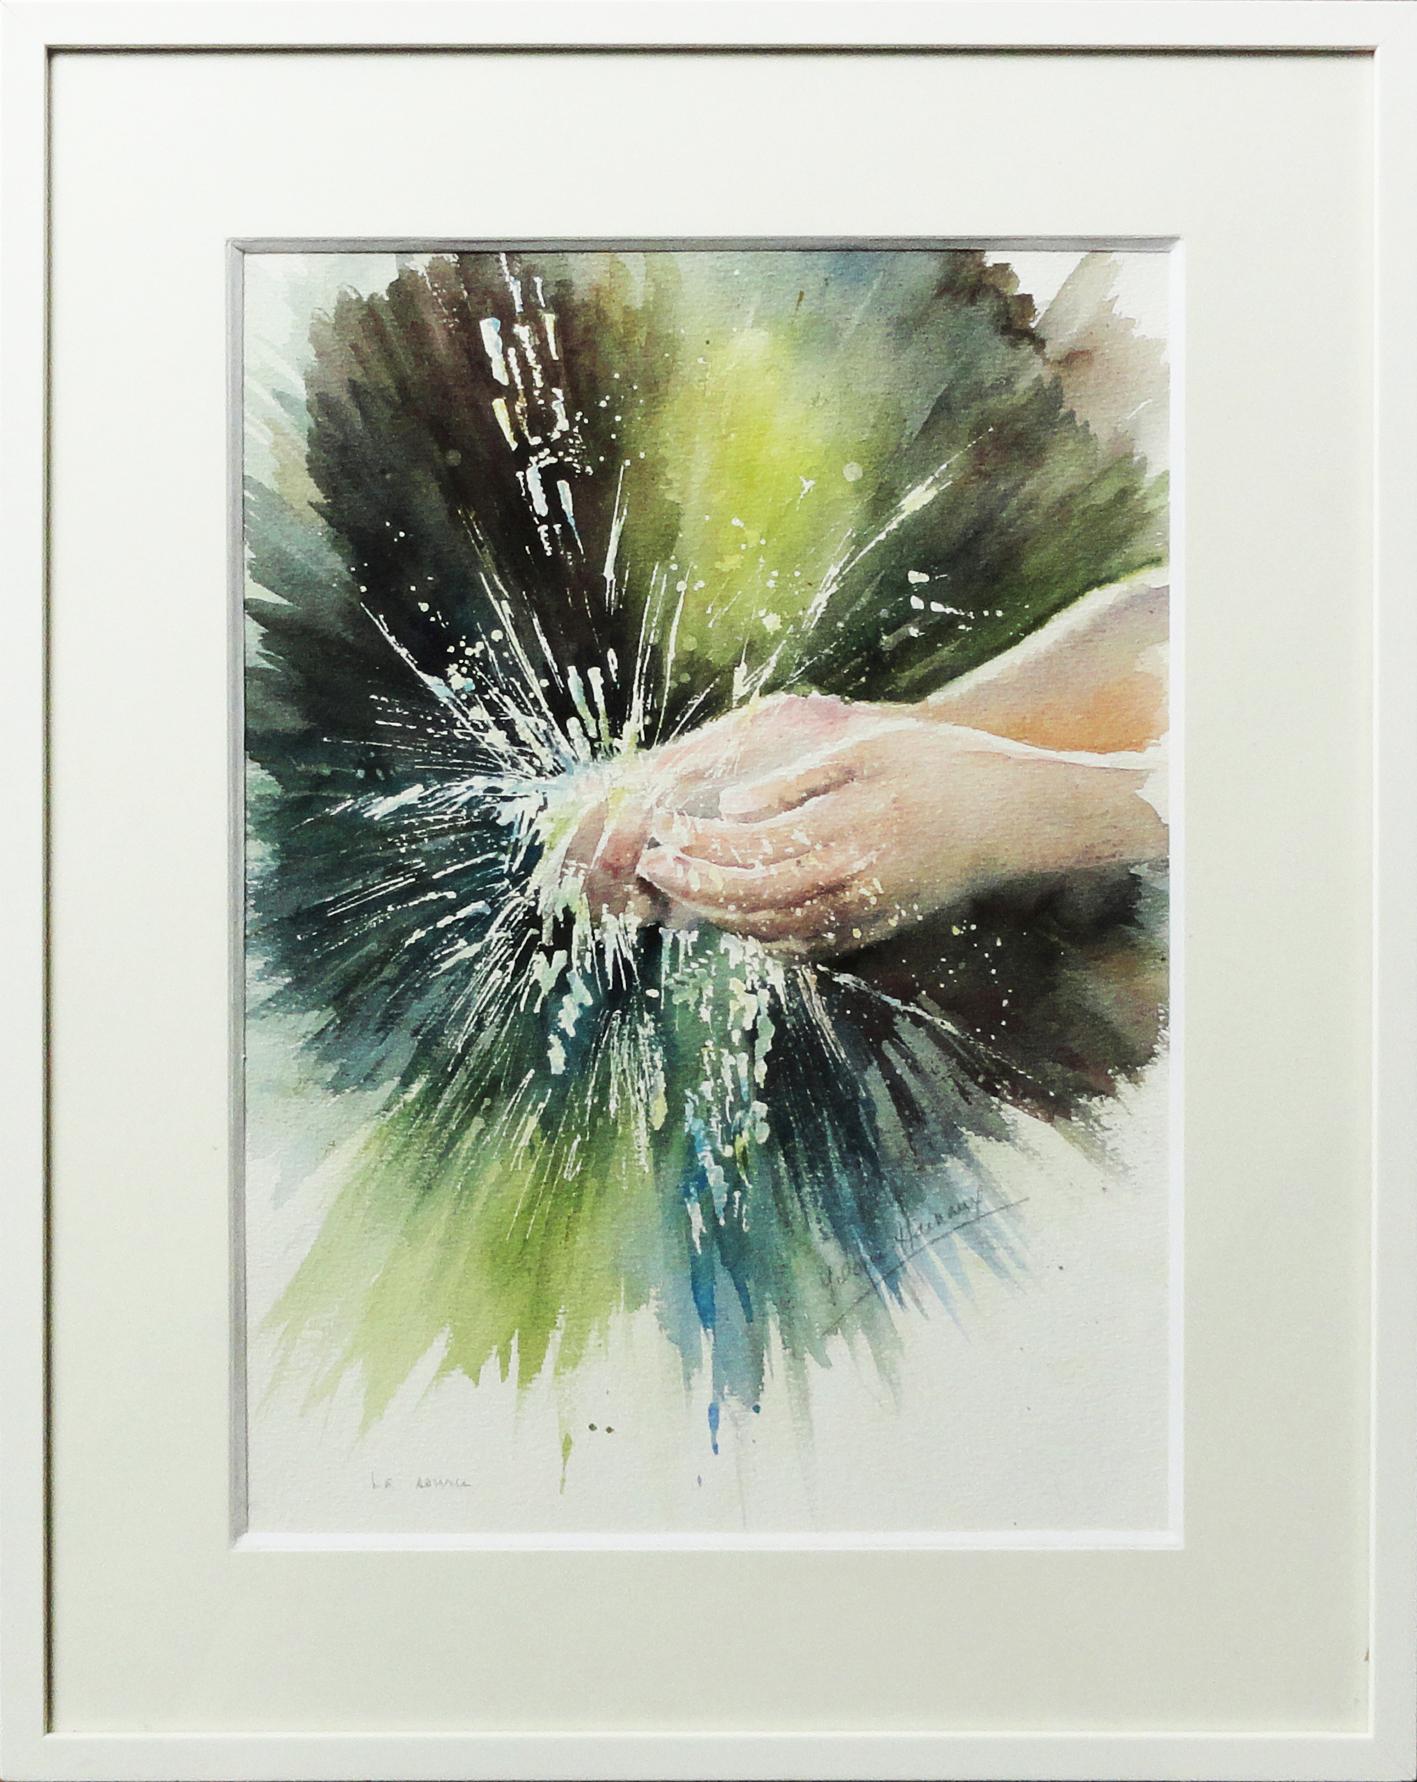 aquarelles_yolaine_hainaux_paint (2)